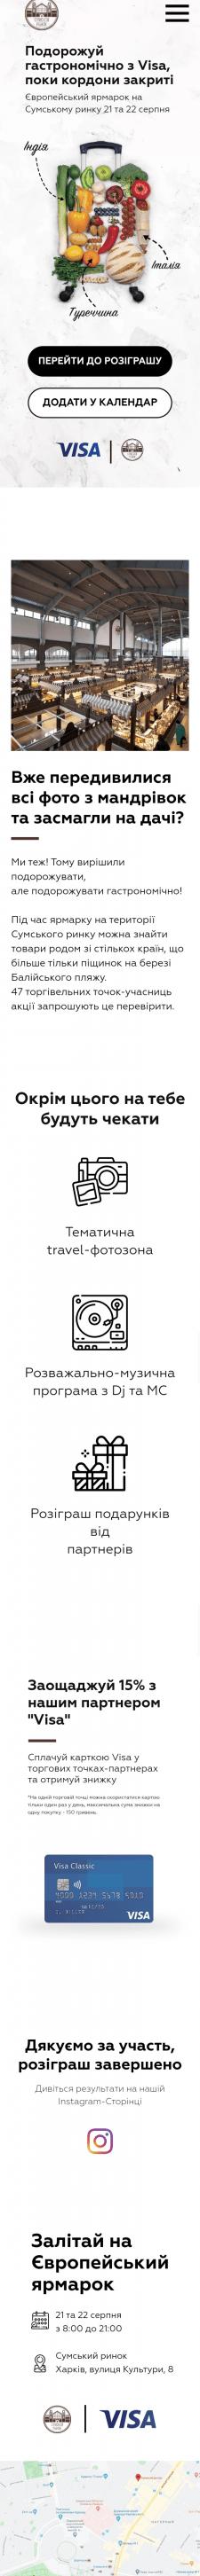 Сумской рынок + Visa